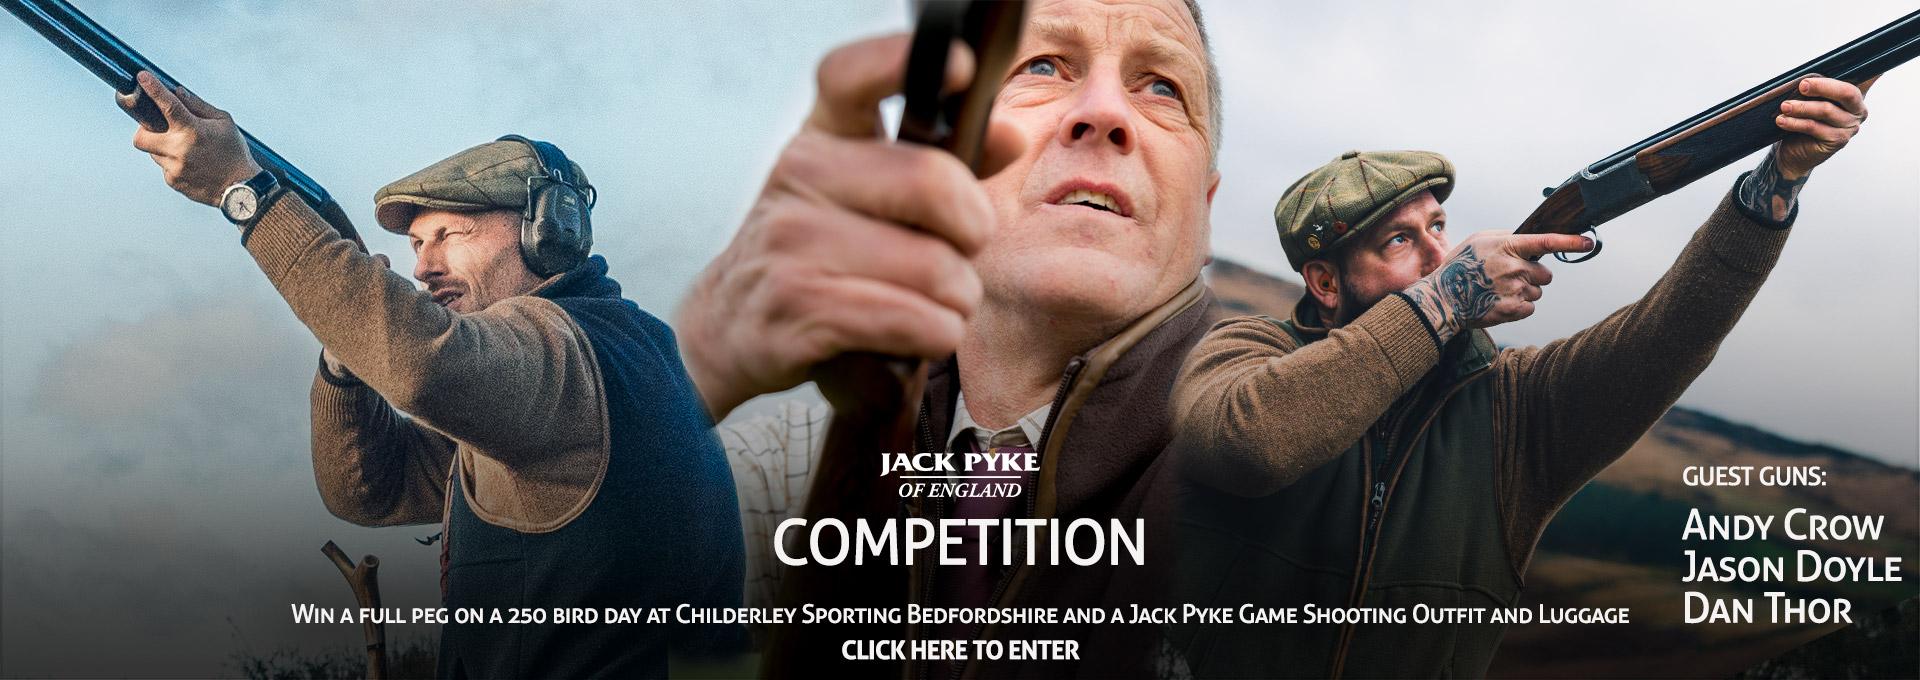 Jack Pyke Competition